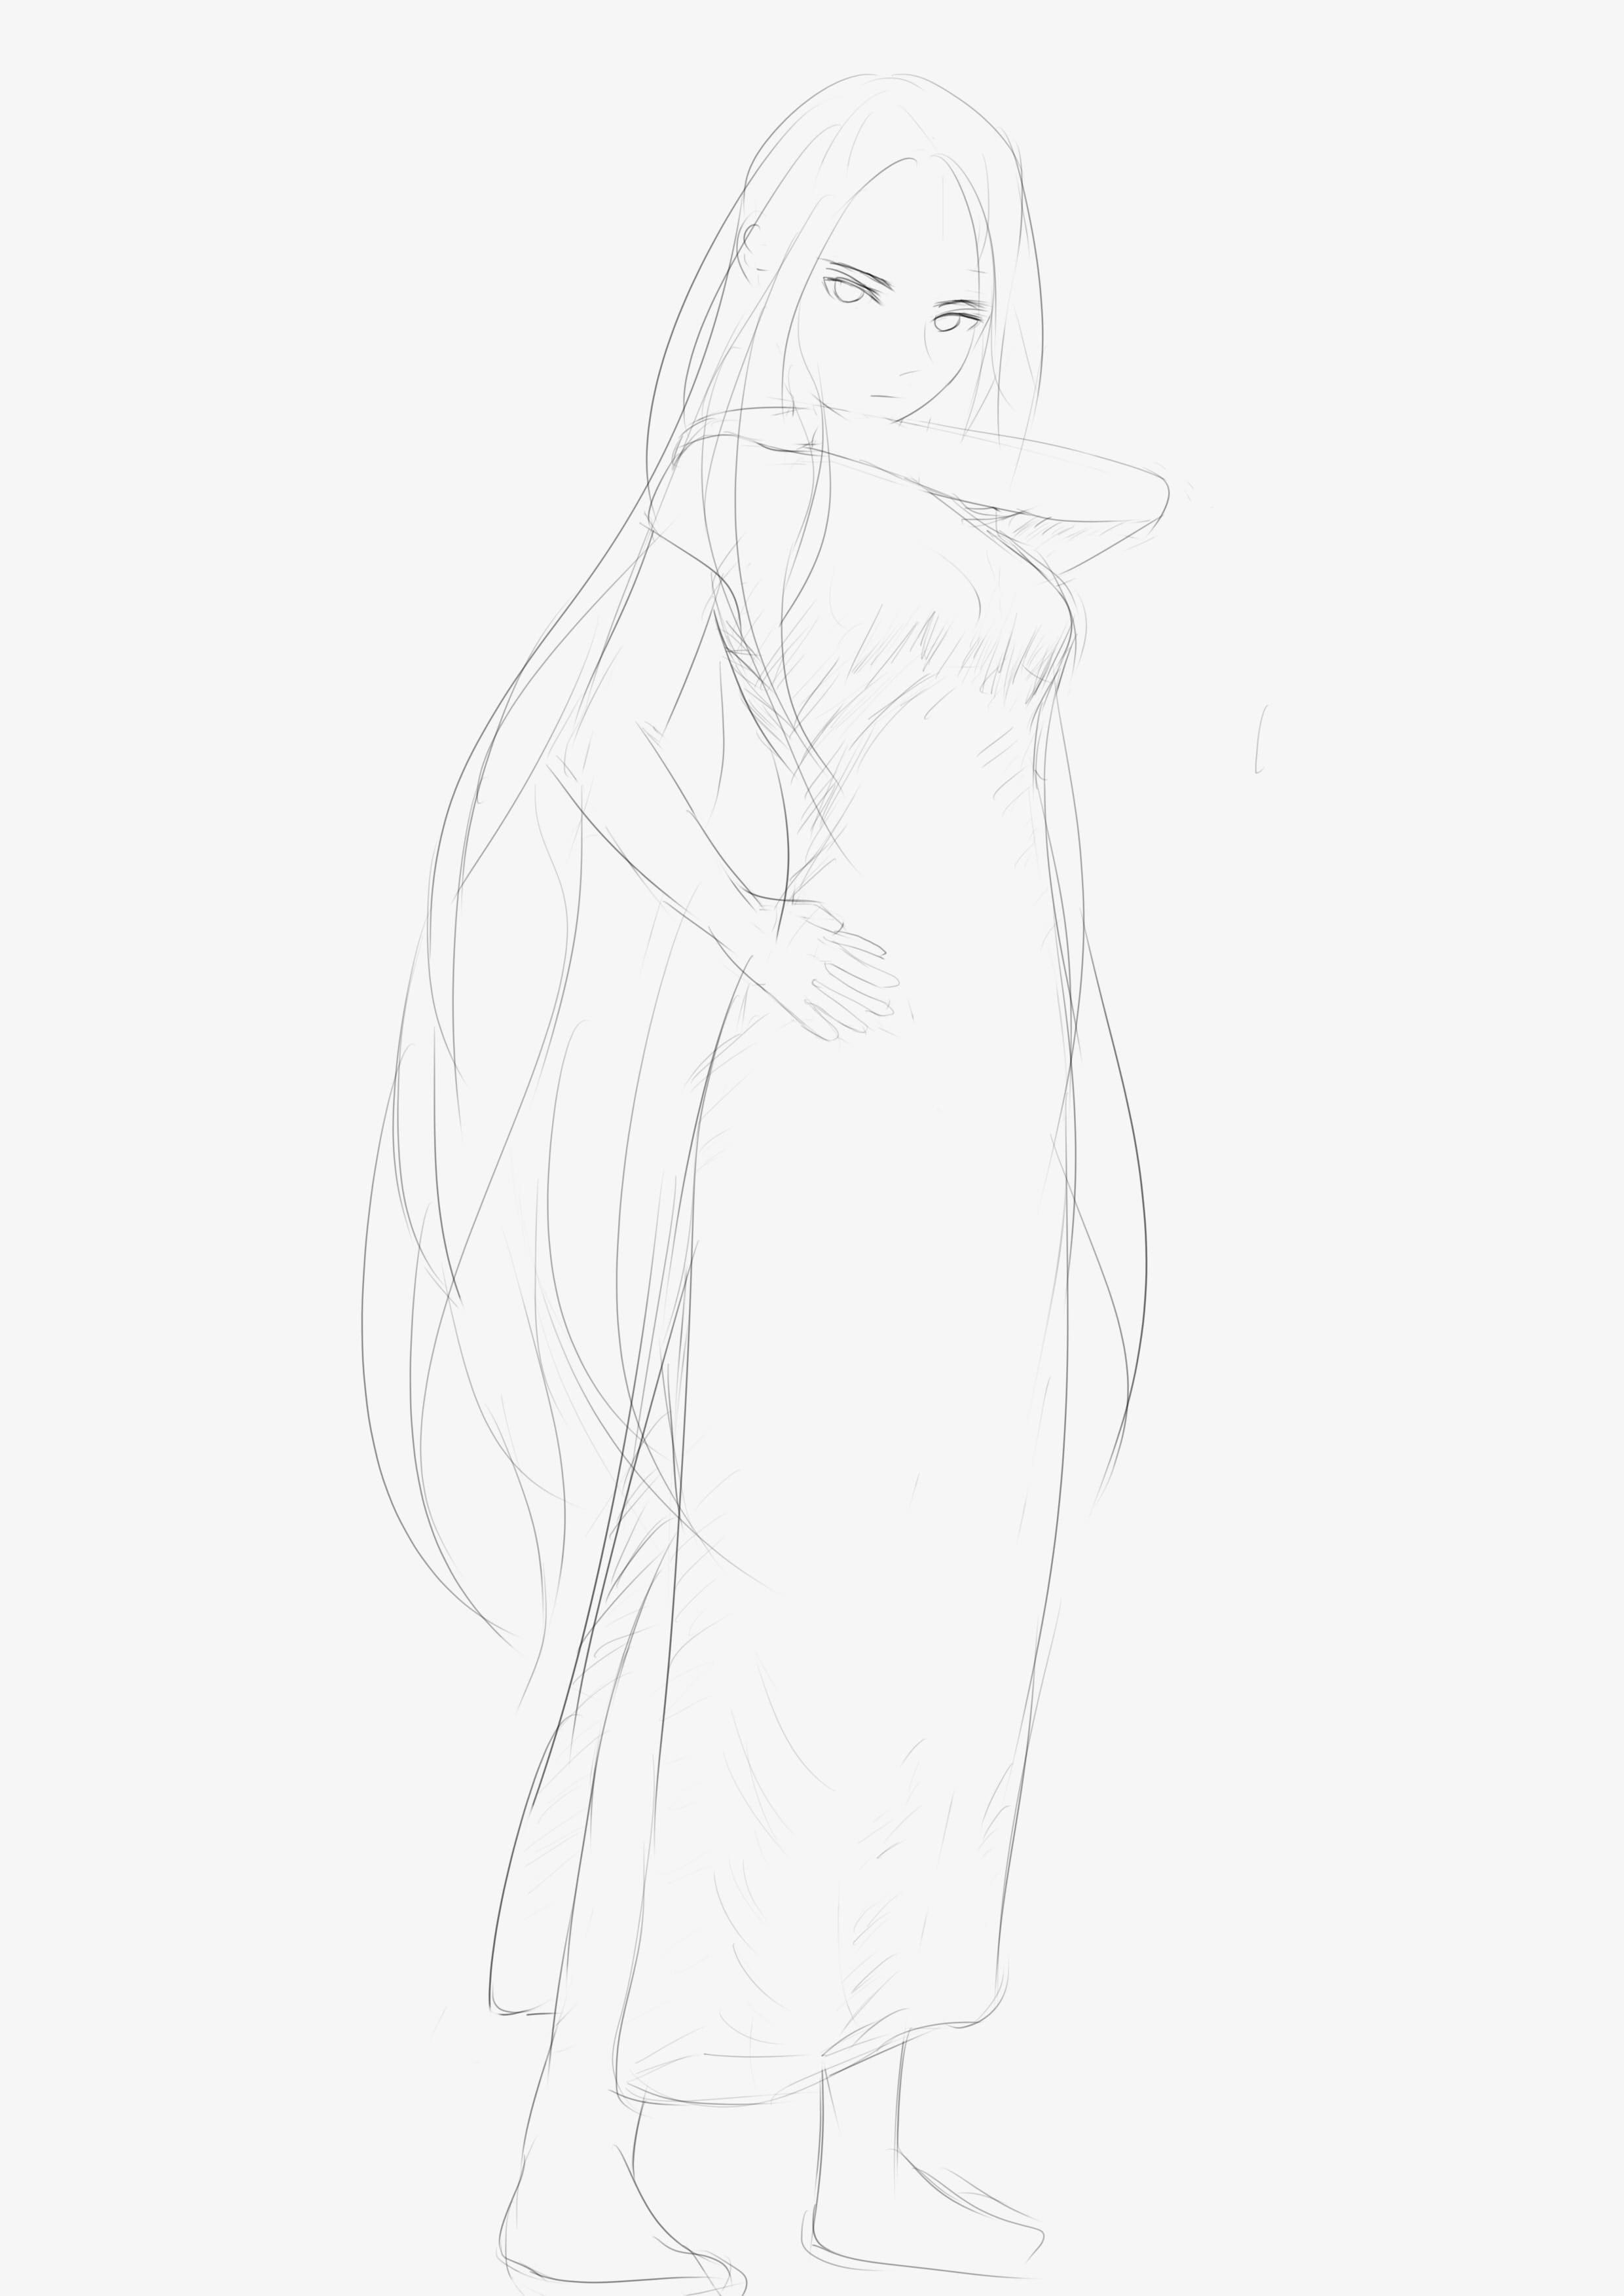 画女孩子总想画旗袍 有病得治啊